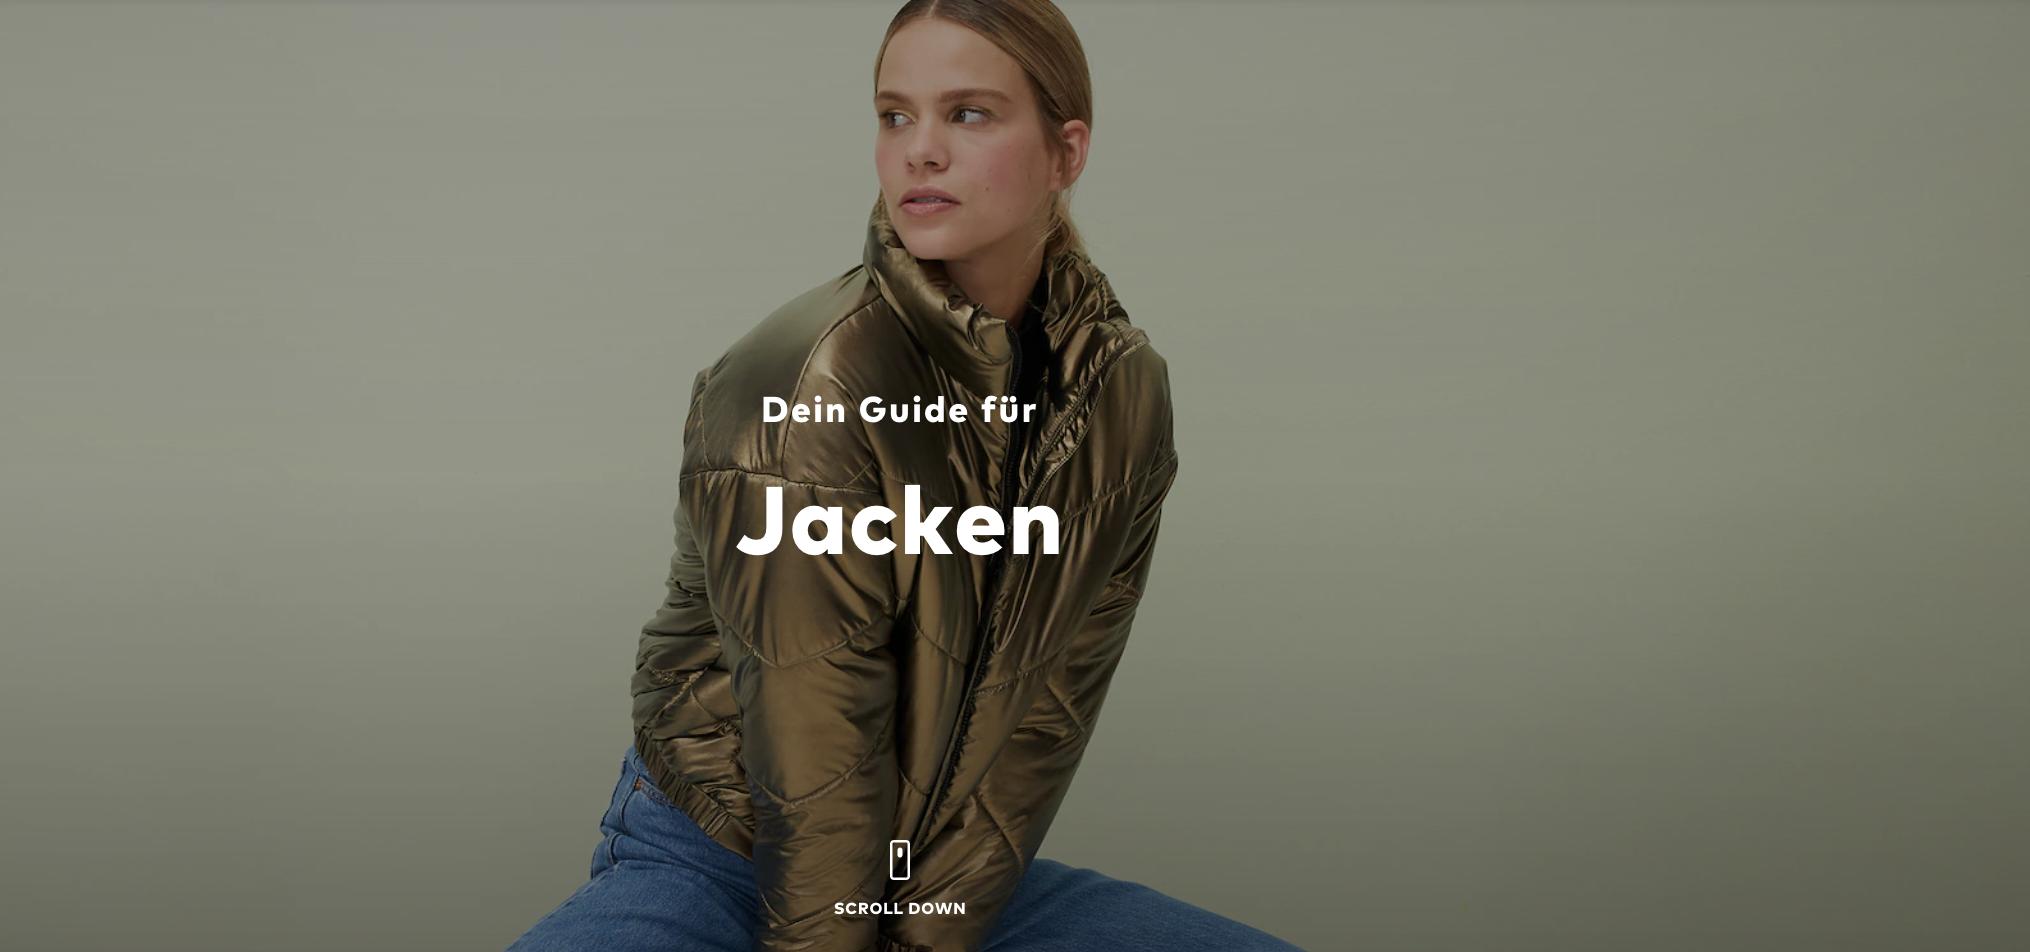 Sommer-Looks 2020 - Jacken Gutschein von About You - im Styleguide